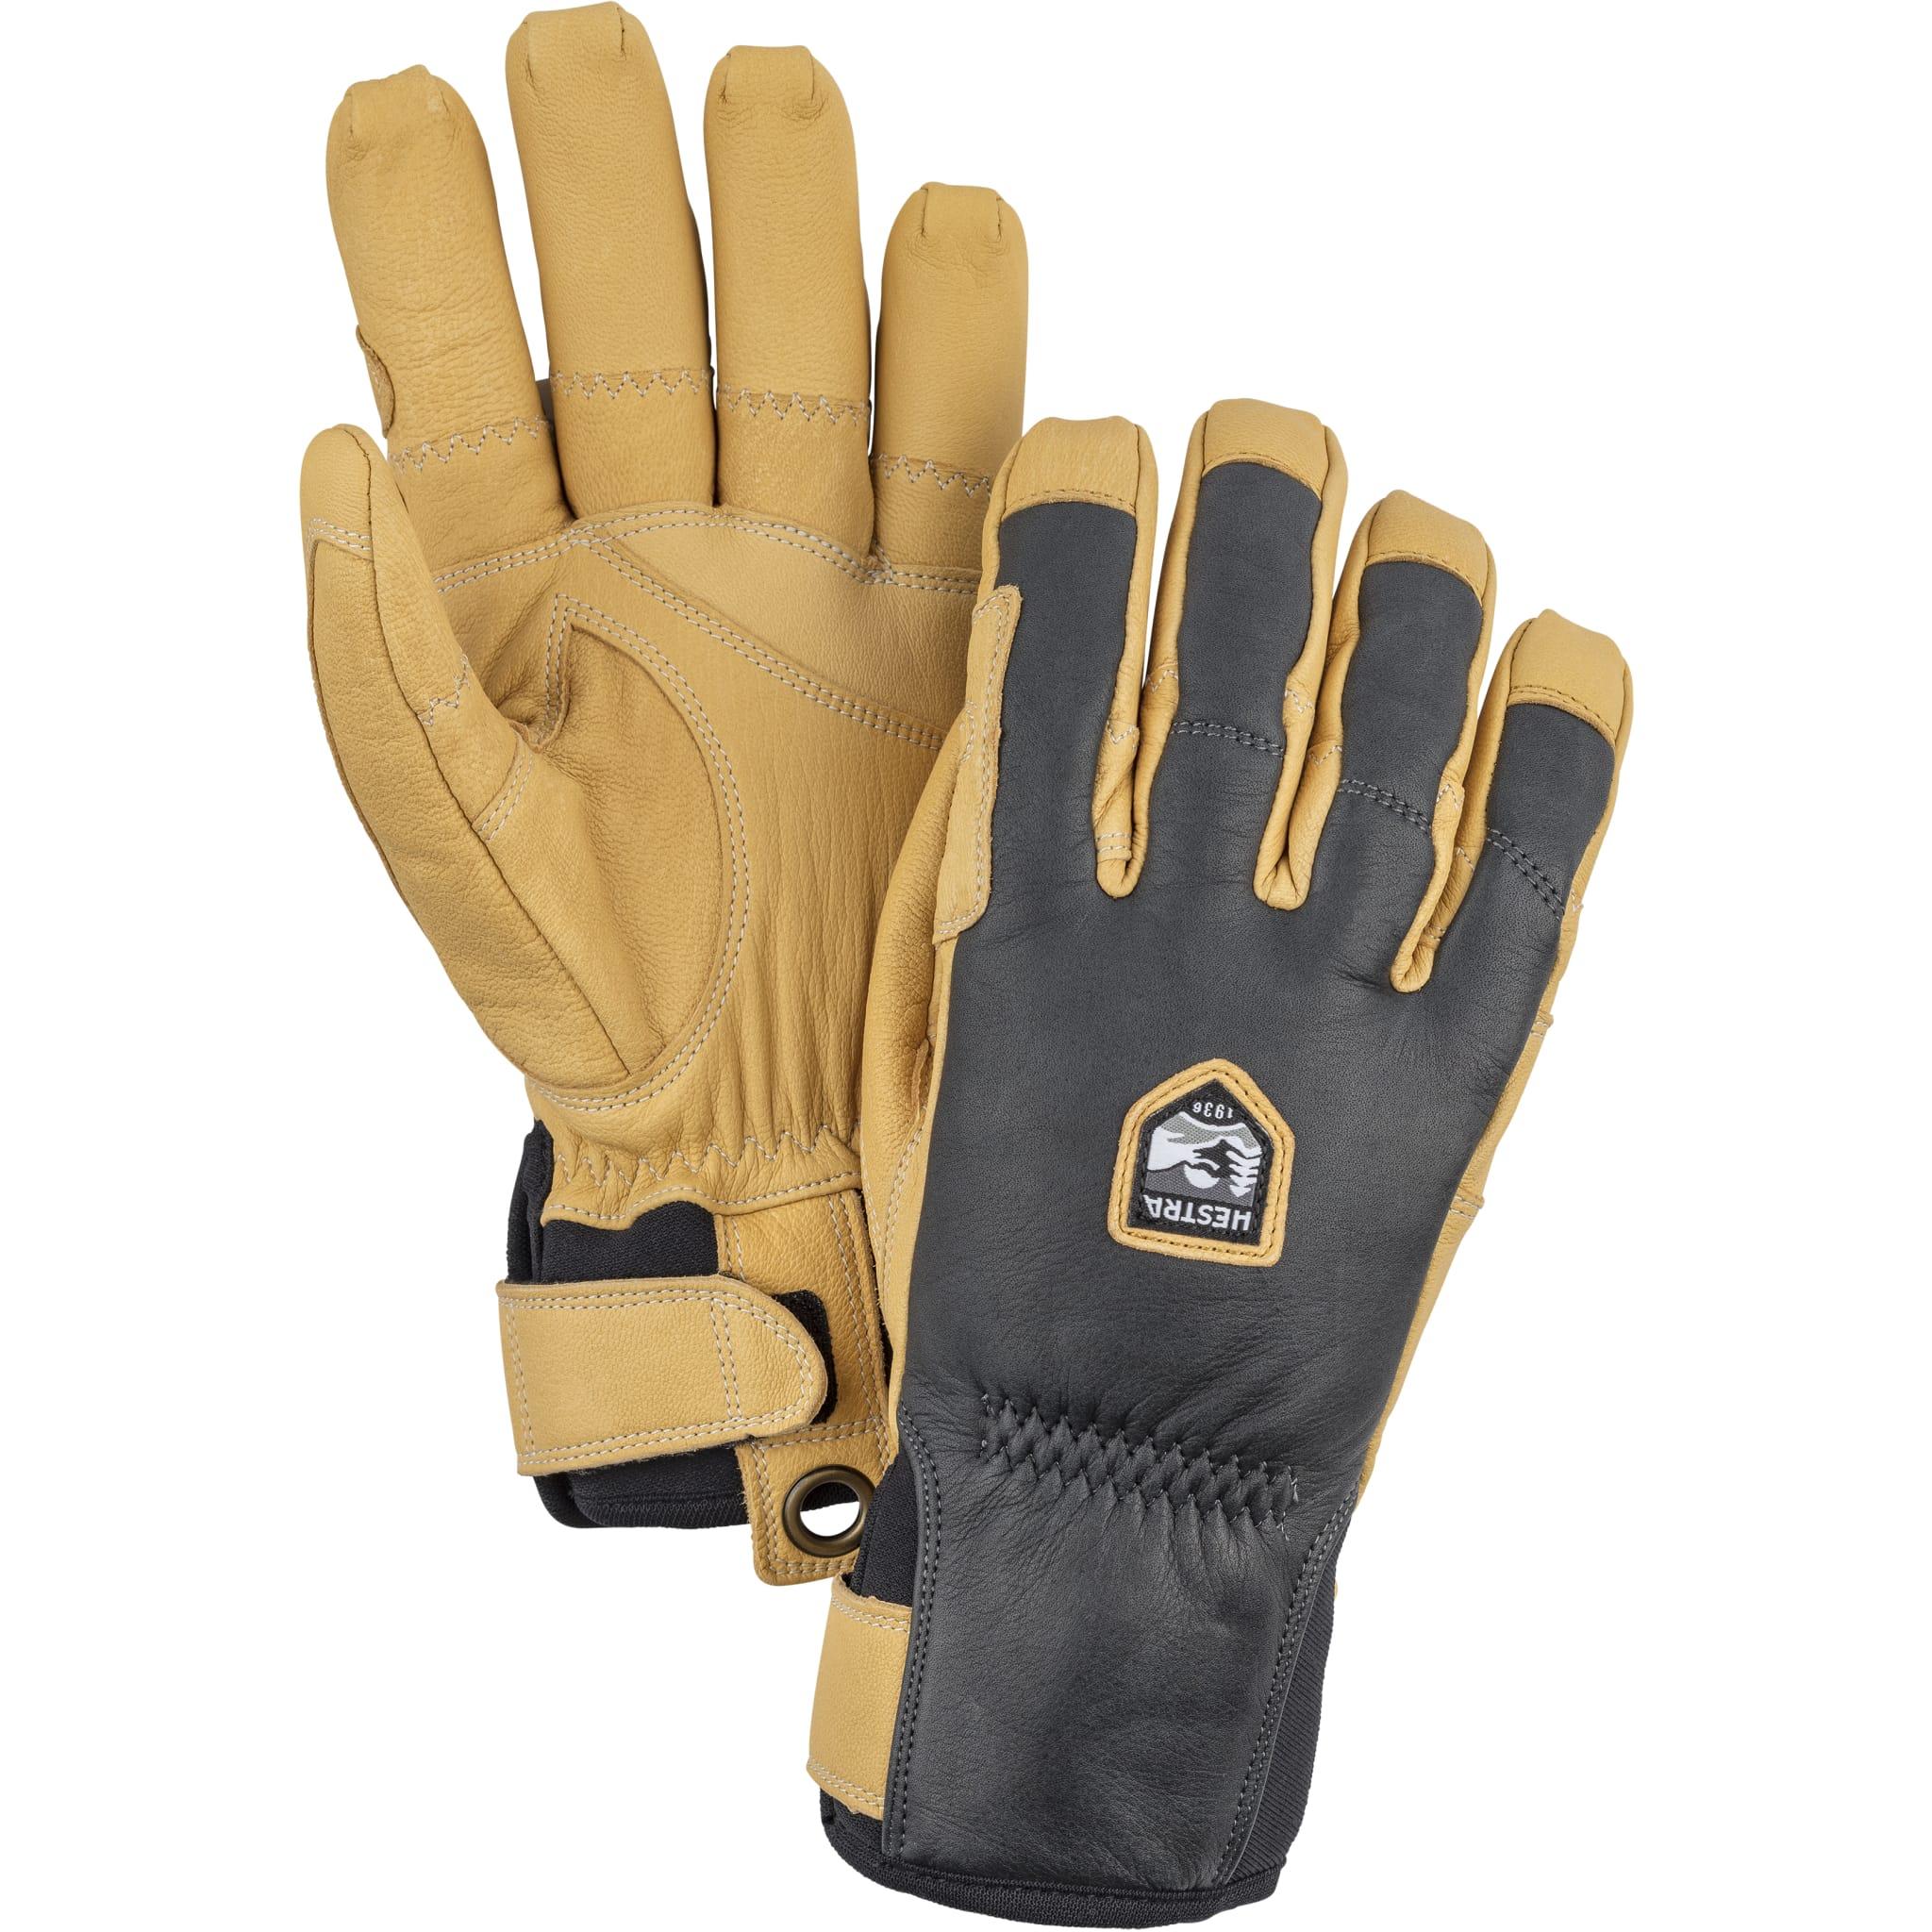 Ergo Grip Incline Gloves